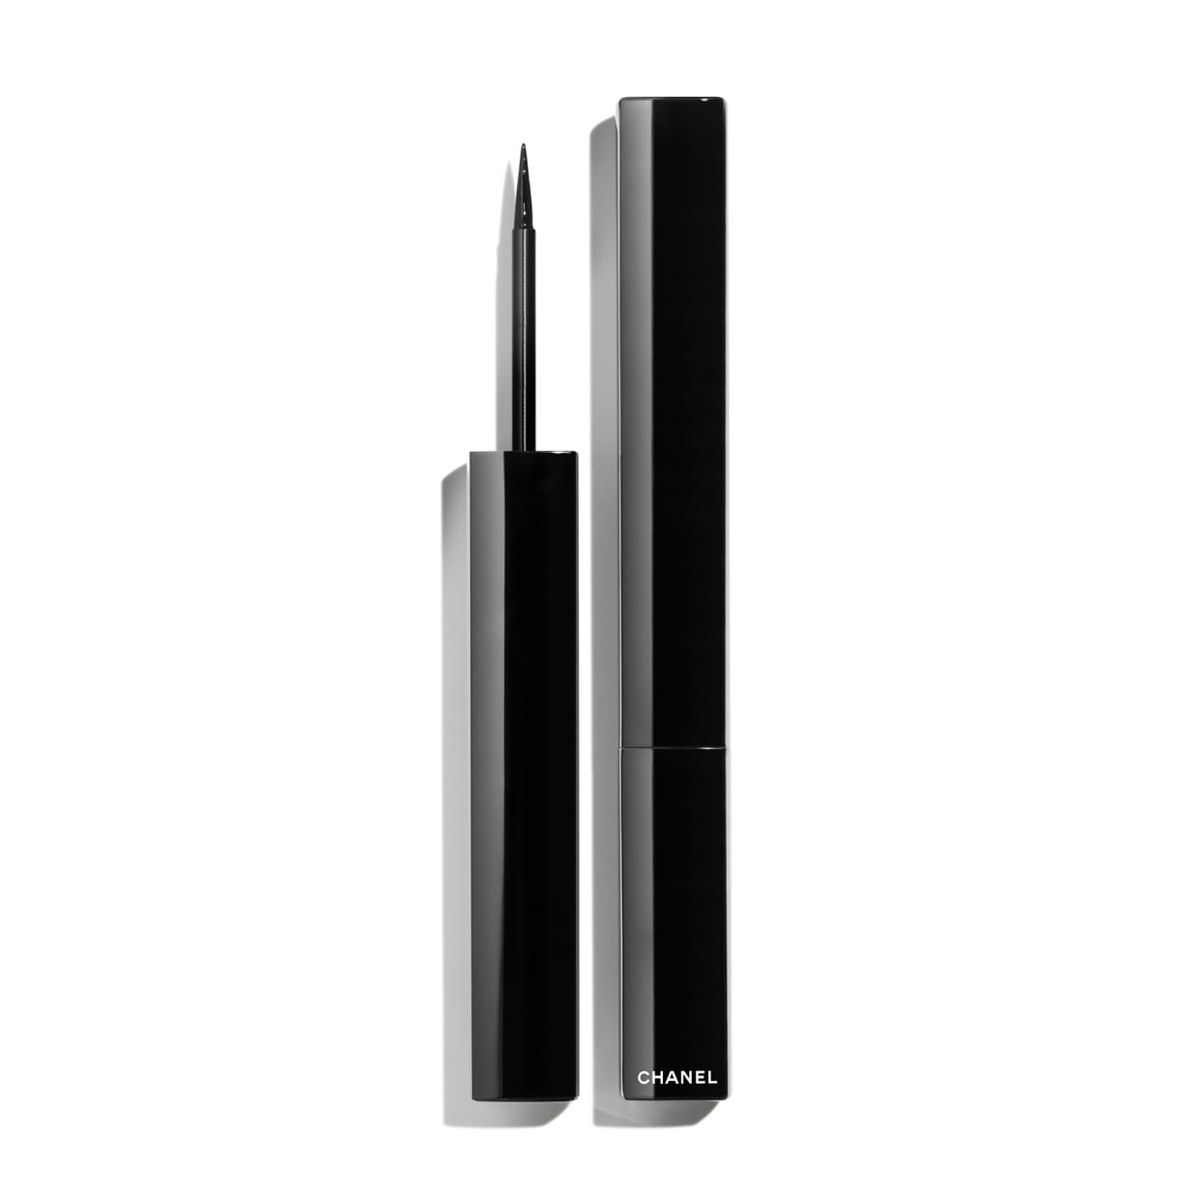 Le Liner de Chanel in Noir Profound